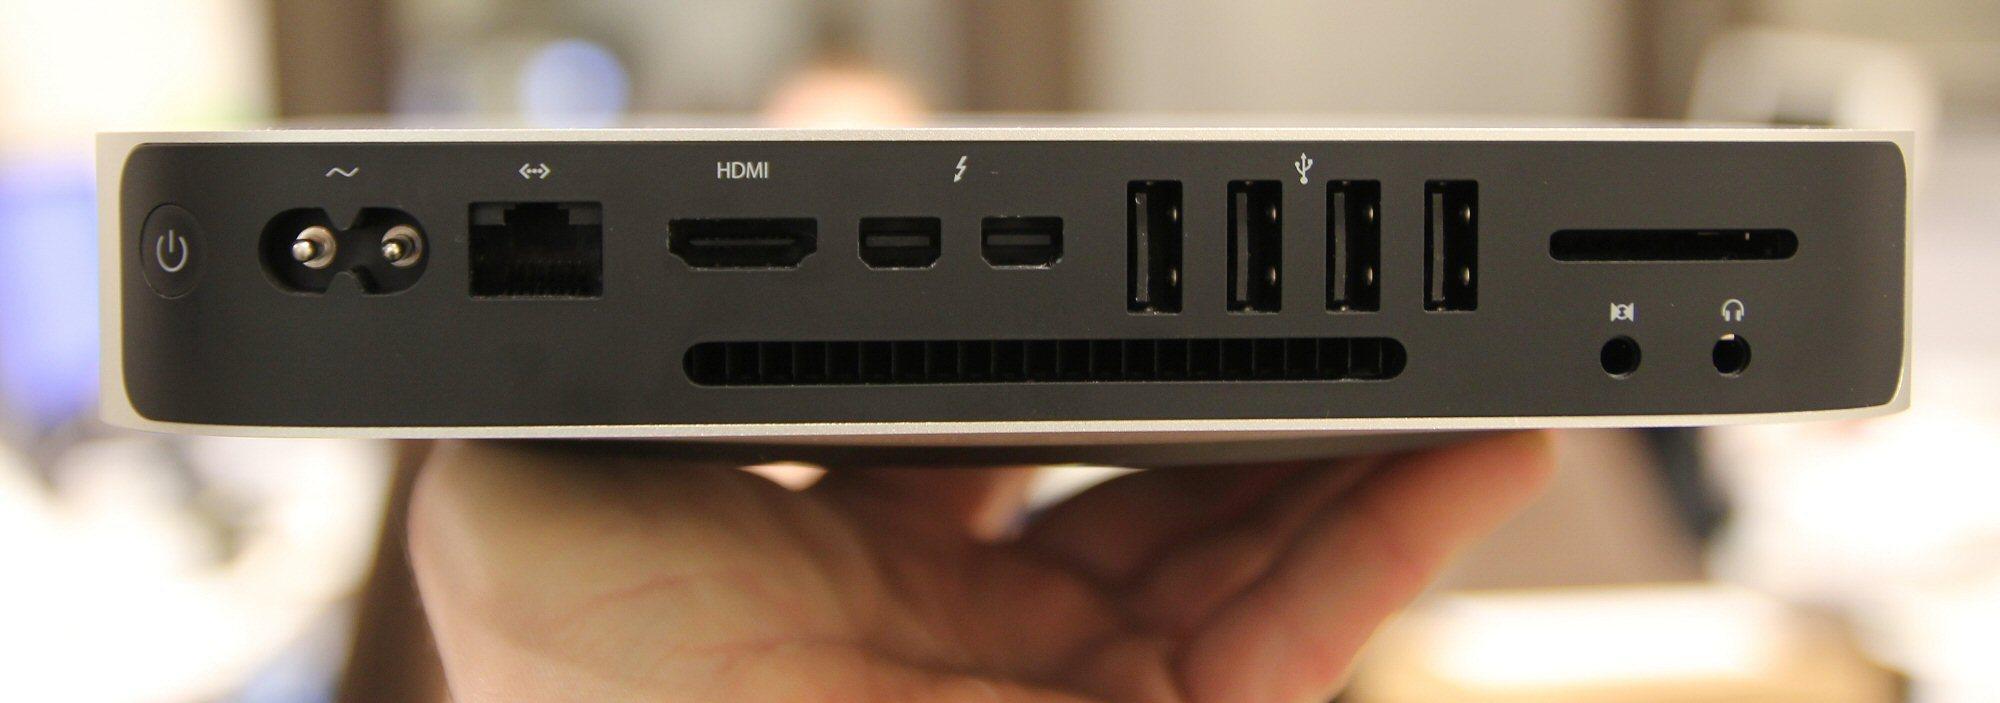 Bak finner vi av/på-knapp, strøminntak, gigabit LAN, HDMI, to Thunderbolt 2-porter, fire USB 3-porter, SD-kortleser, og minijackkontakter for lyd.Foto: Vegar Jansen, Tek.no